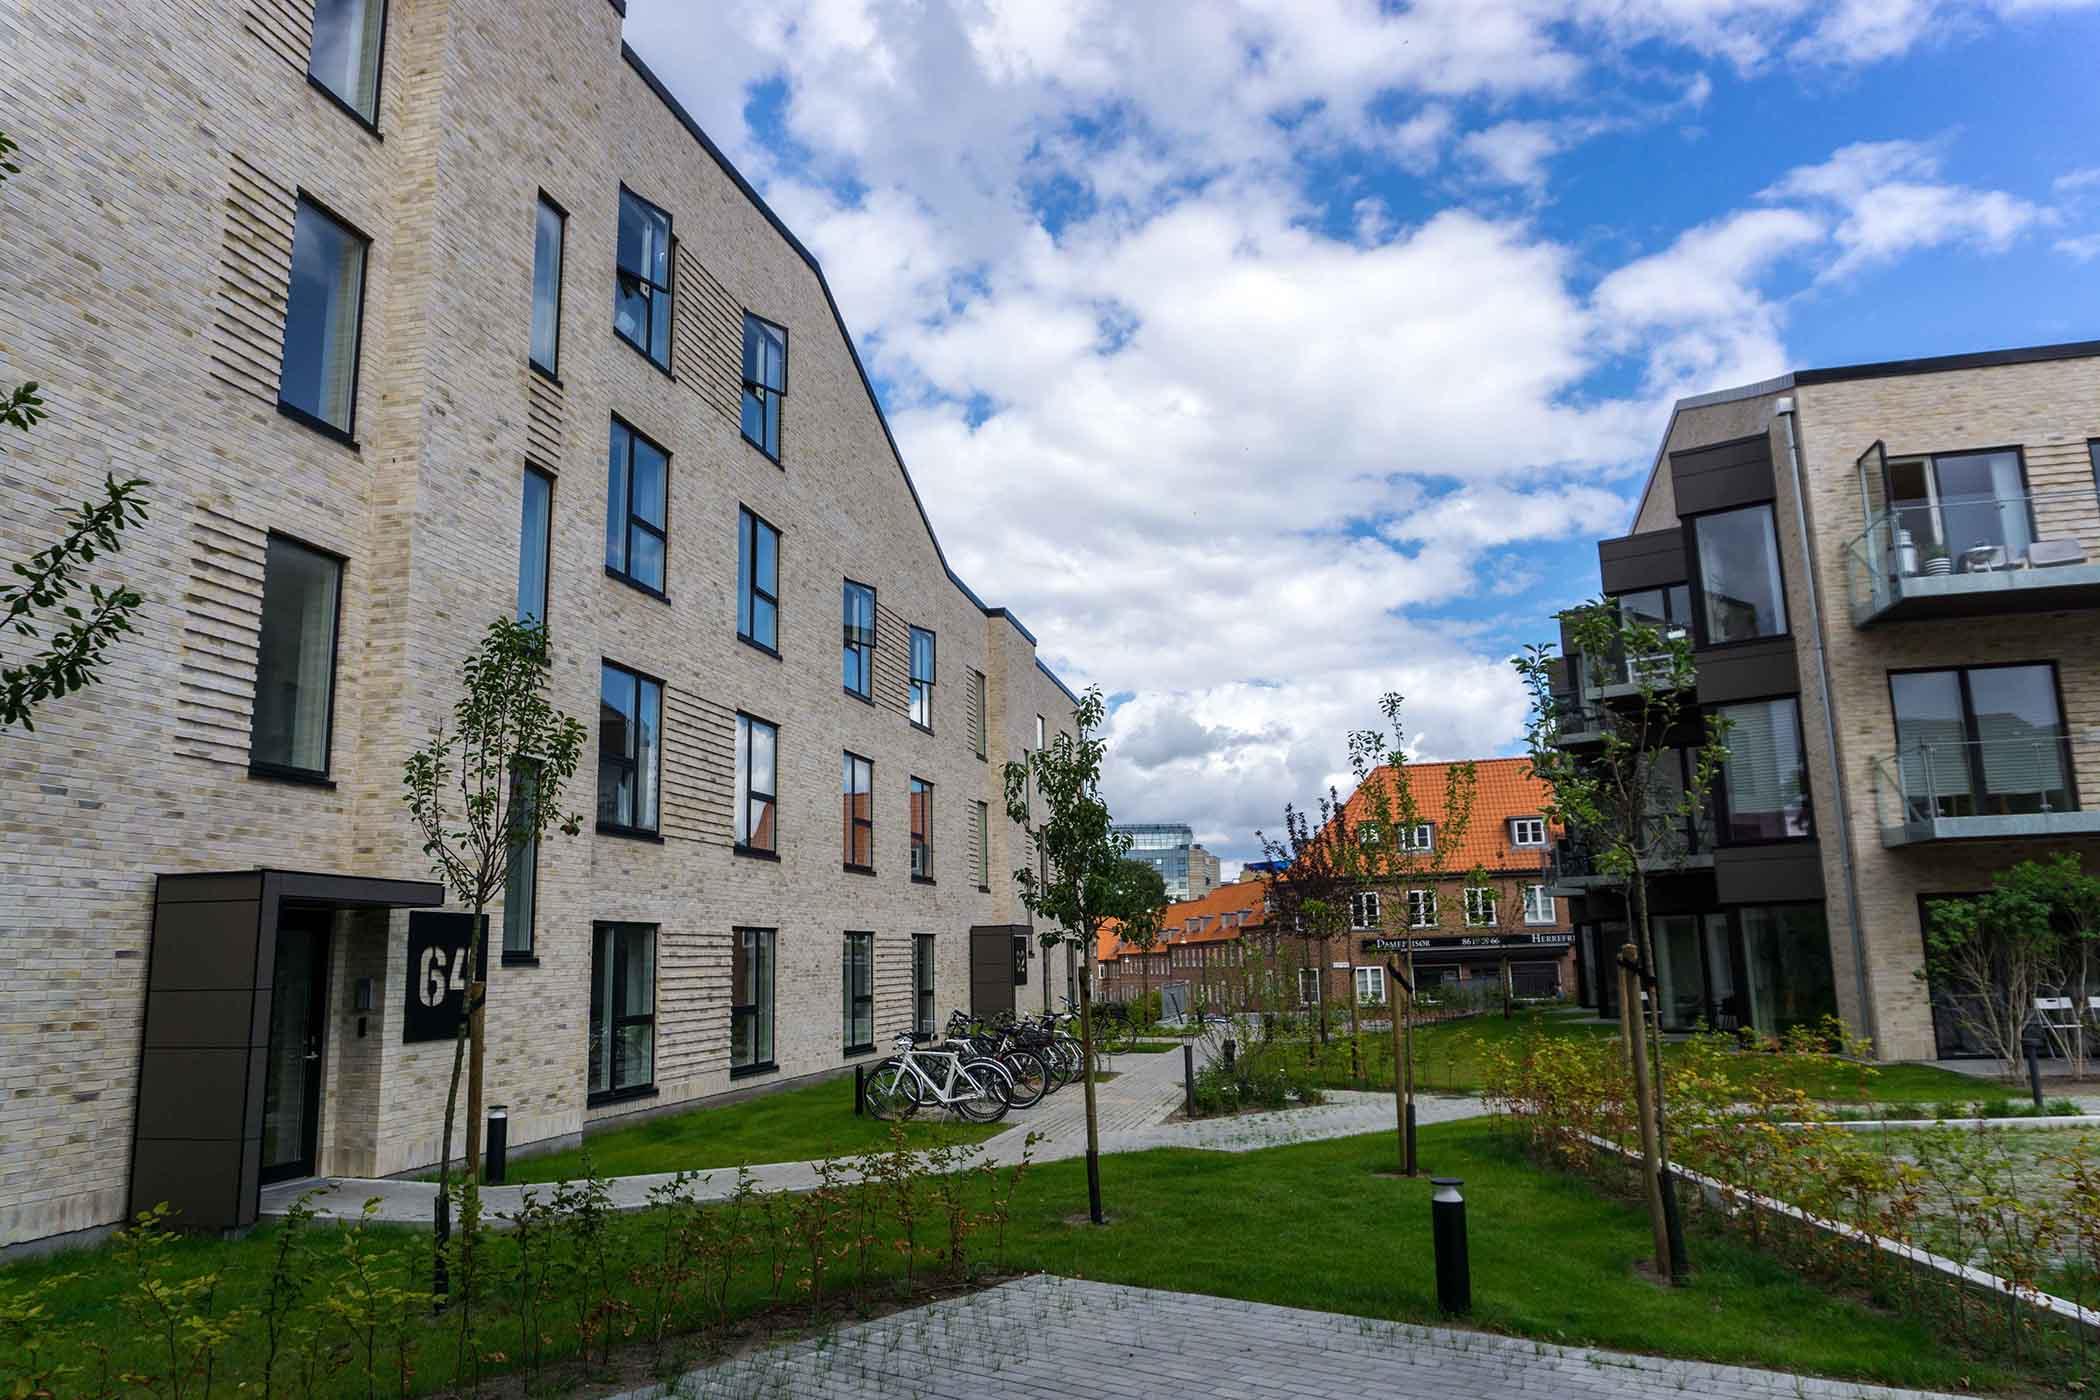 Valdemarsgade 60-64 - Grønt område